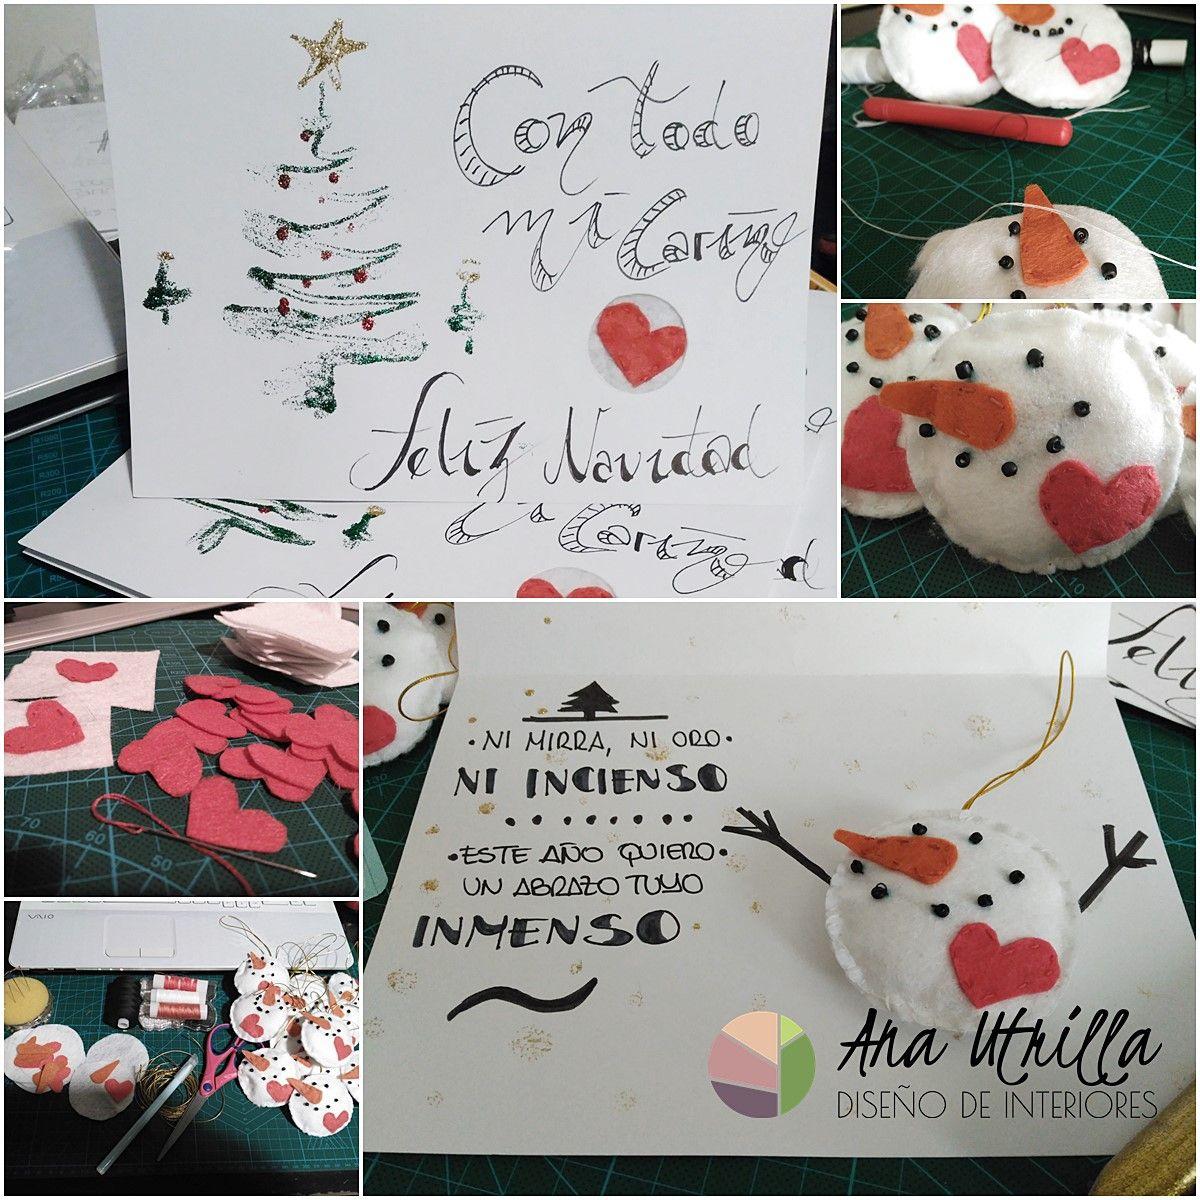 Felicitaciones de Navidad DIY. por Ana Utrilla Diseño de Interiores